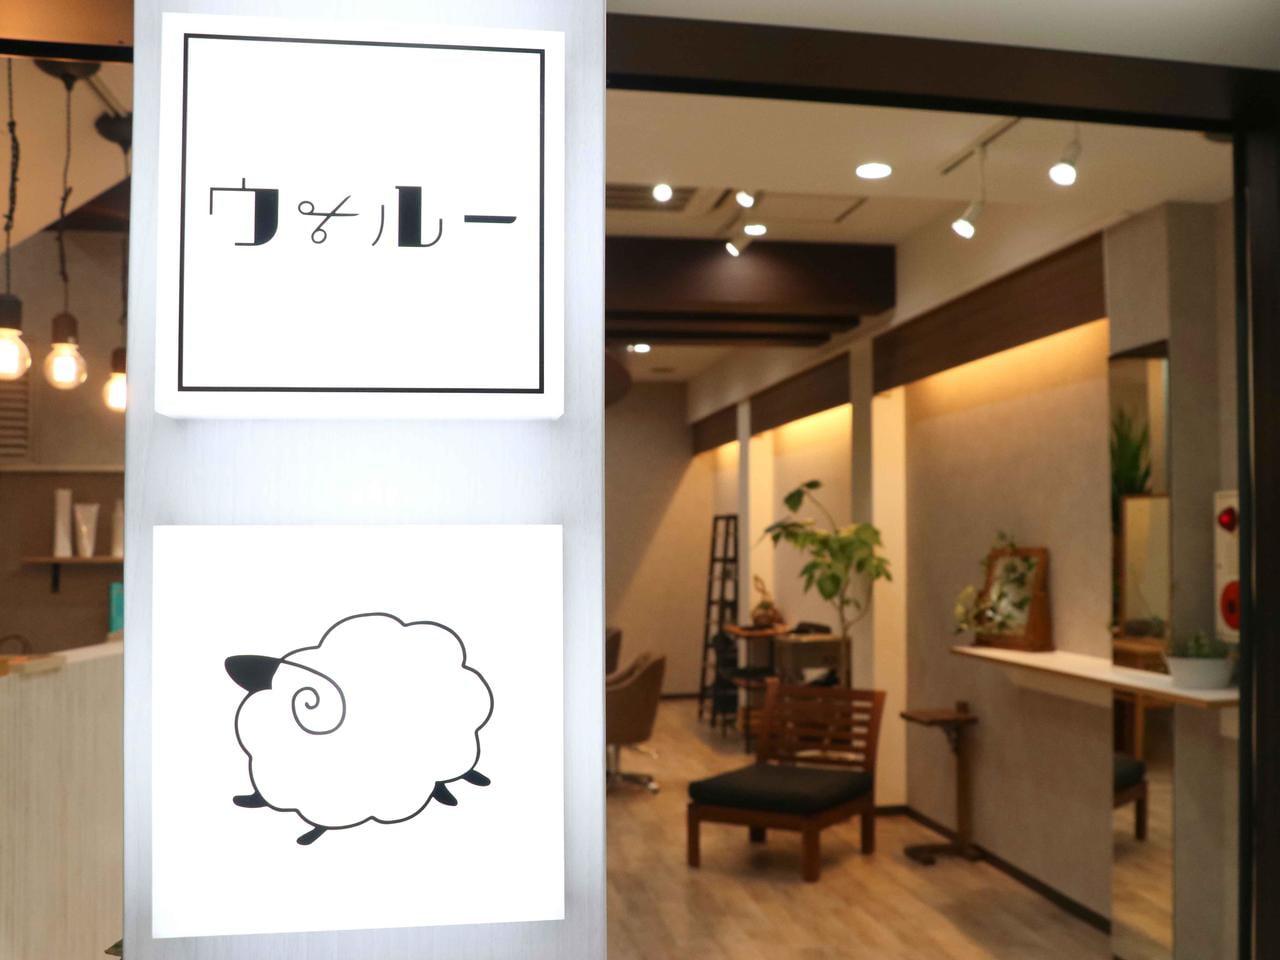 【姫路】インスタグラムで話題の美容院「Wooluuw(ウールー)」が駅前にNEW OPEN!